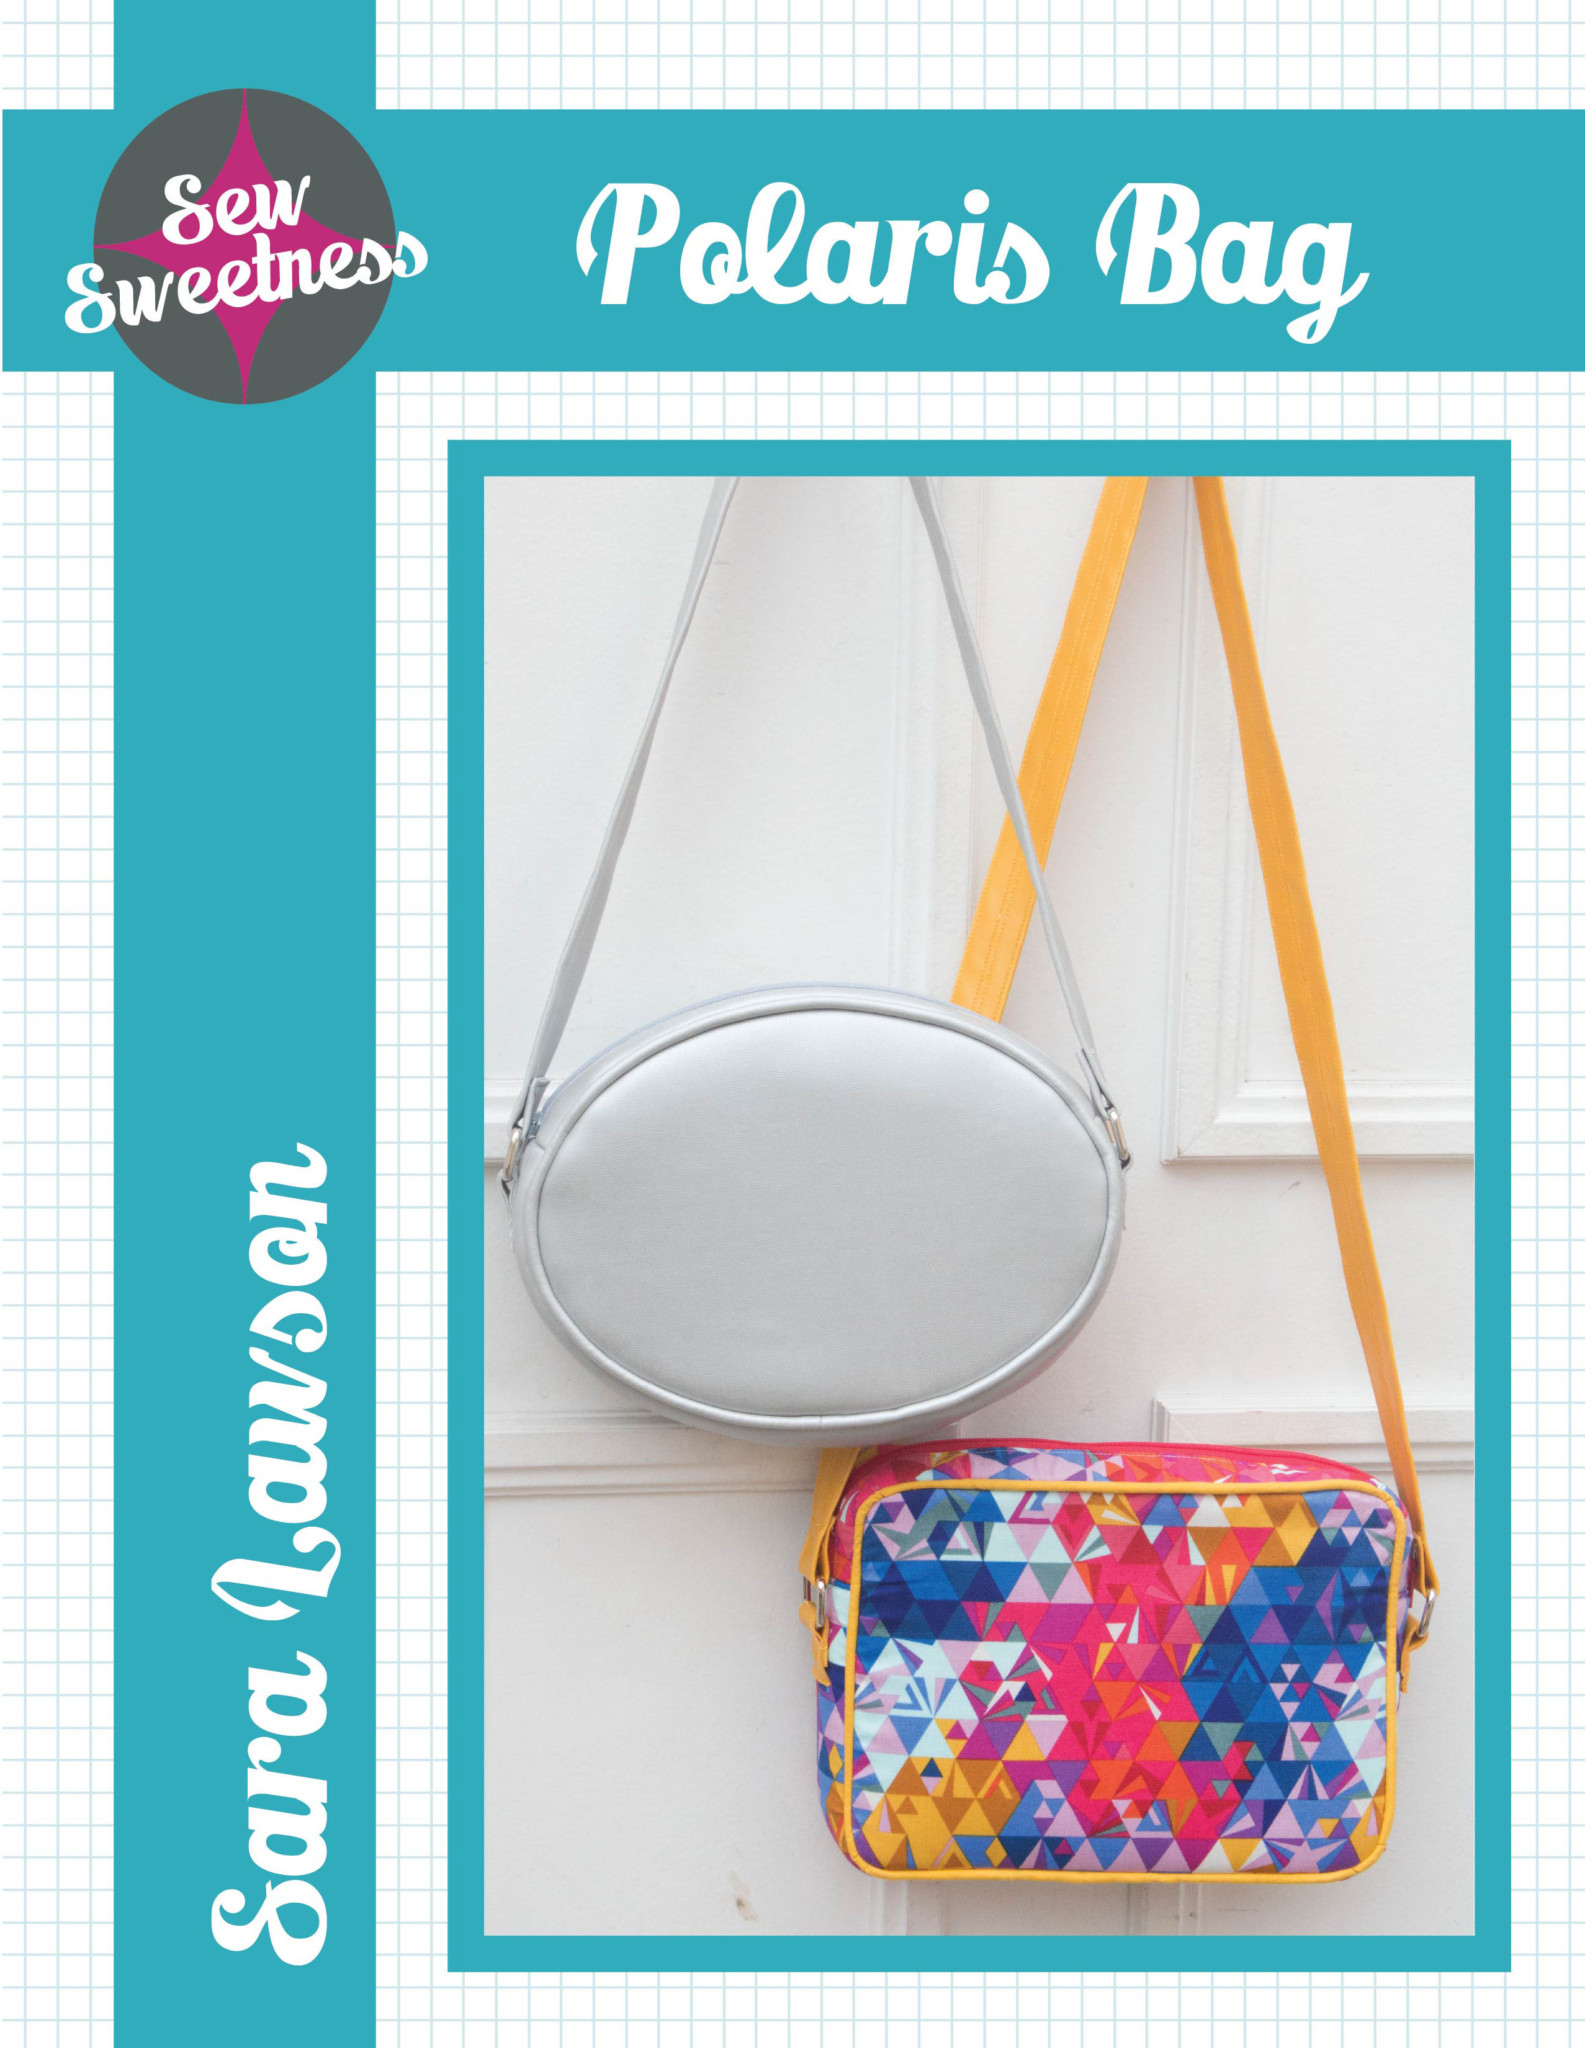 Sew Sweetness Polaris Bag sewing pattern